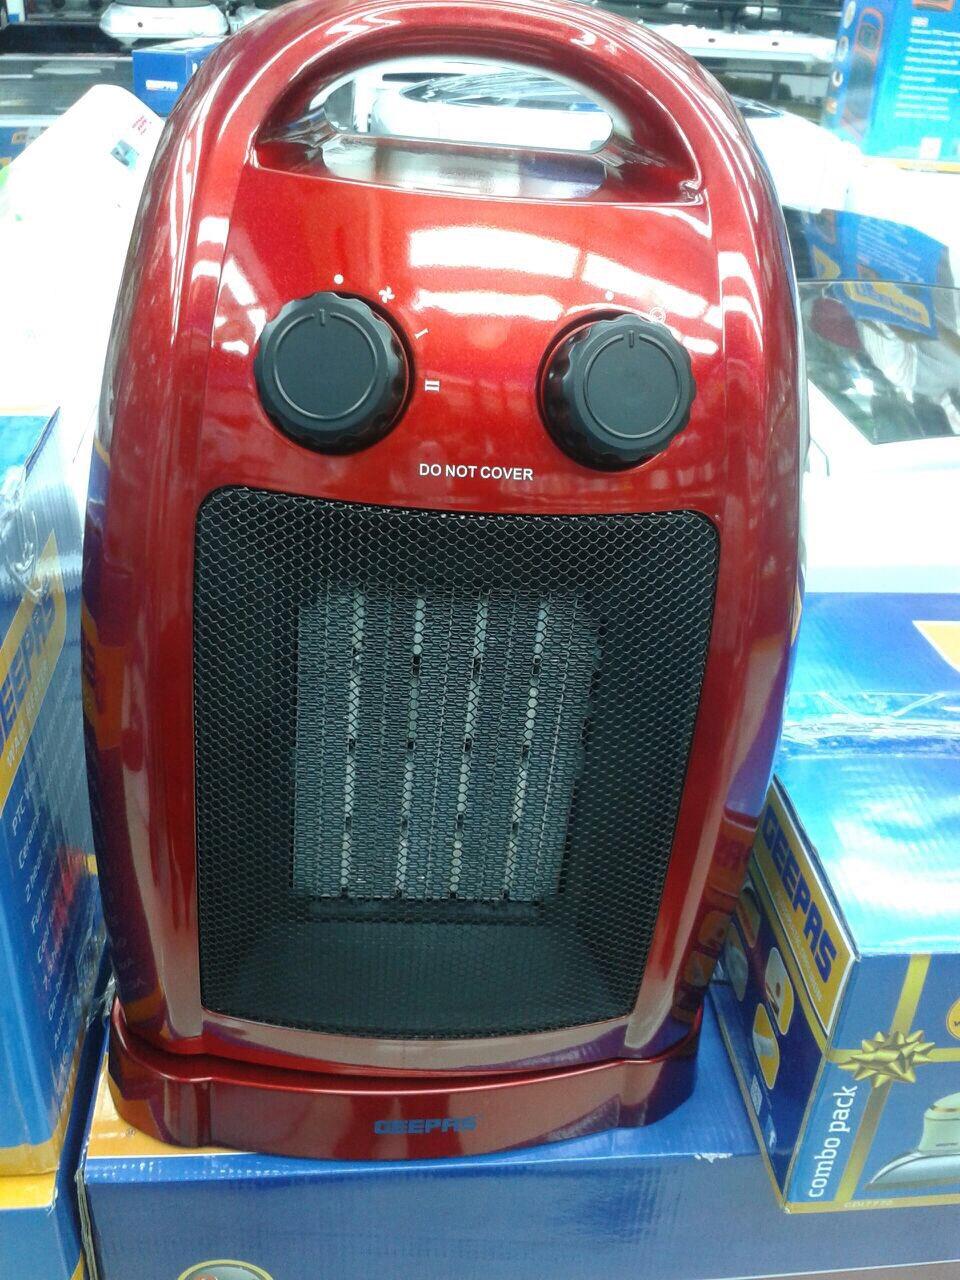 مرکز پخش بخاری برقی فندار وگازی بدون دودکش تلفن